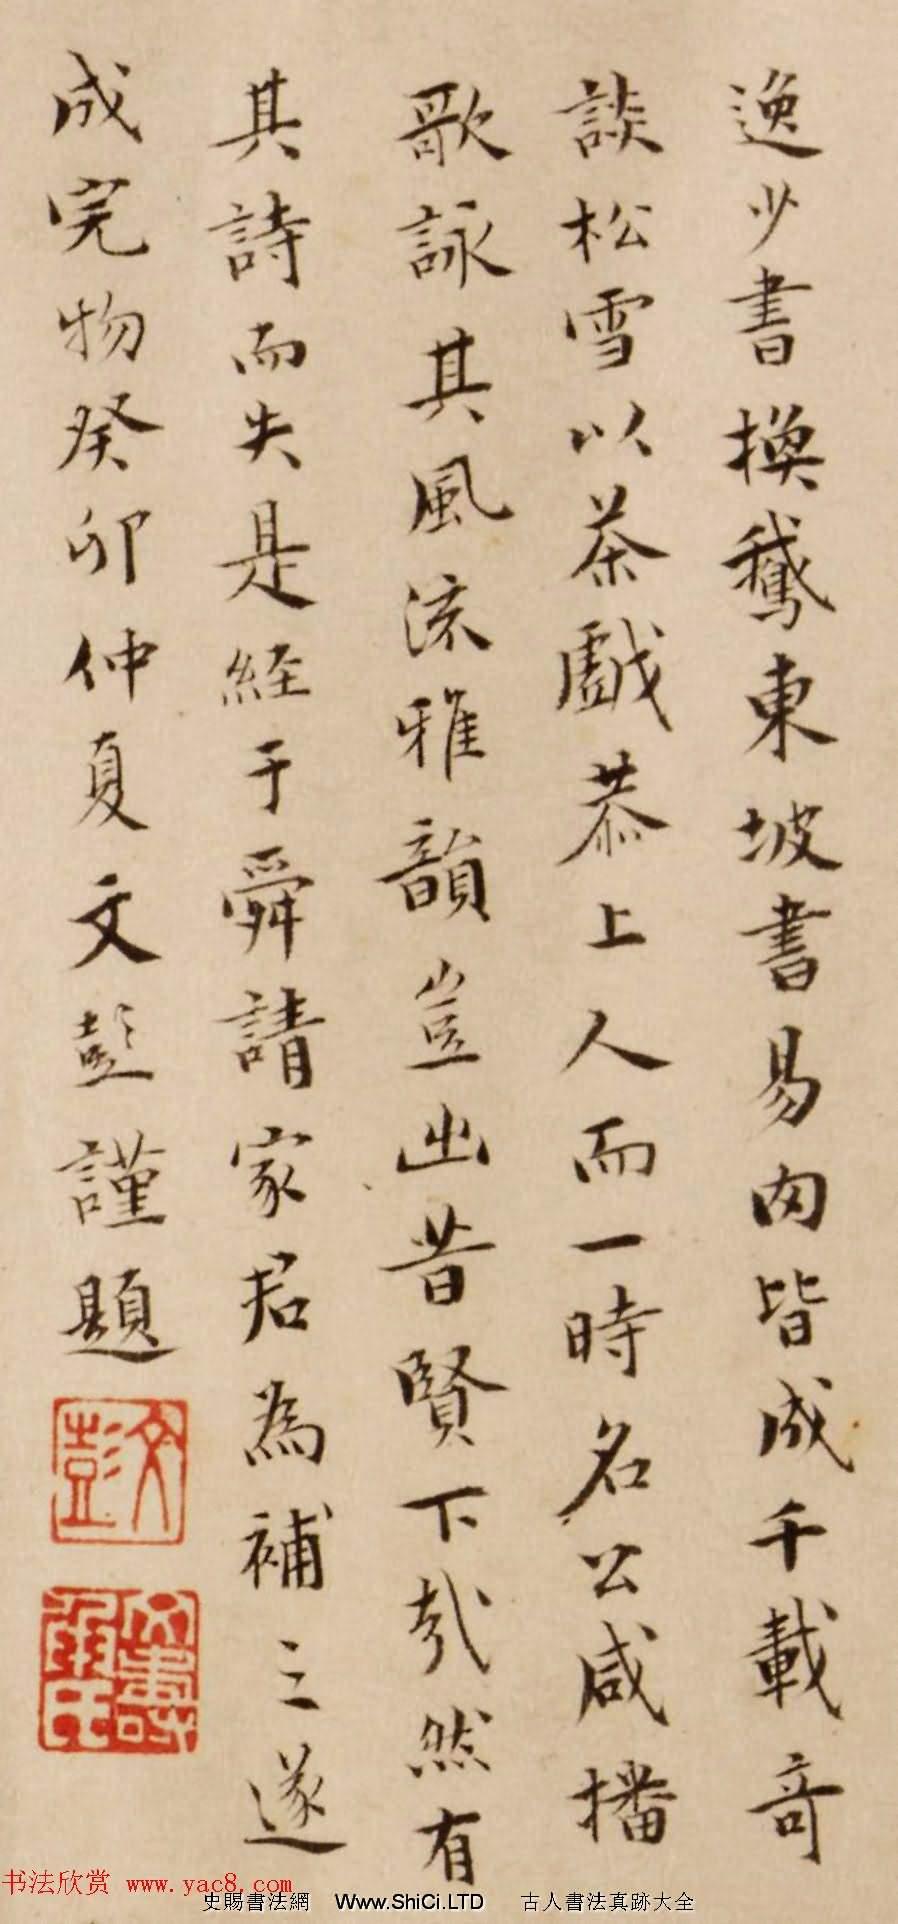 文彭、文嘉楷書題跋《趙孟頫寫經換茶圖卷》(共2張圖片)